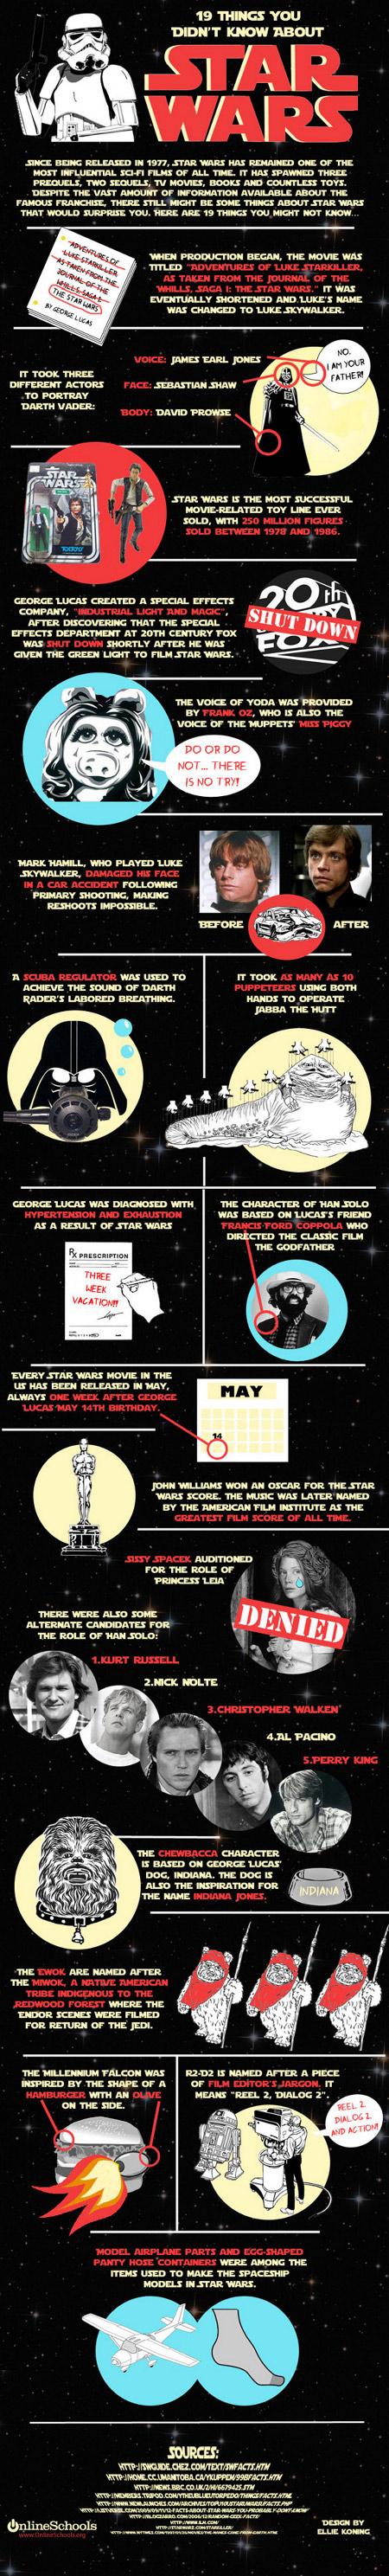 19 cosas que no sabías de Star Wars [Infografía] - star-wars-infographic-full1